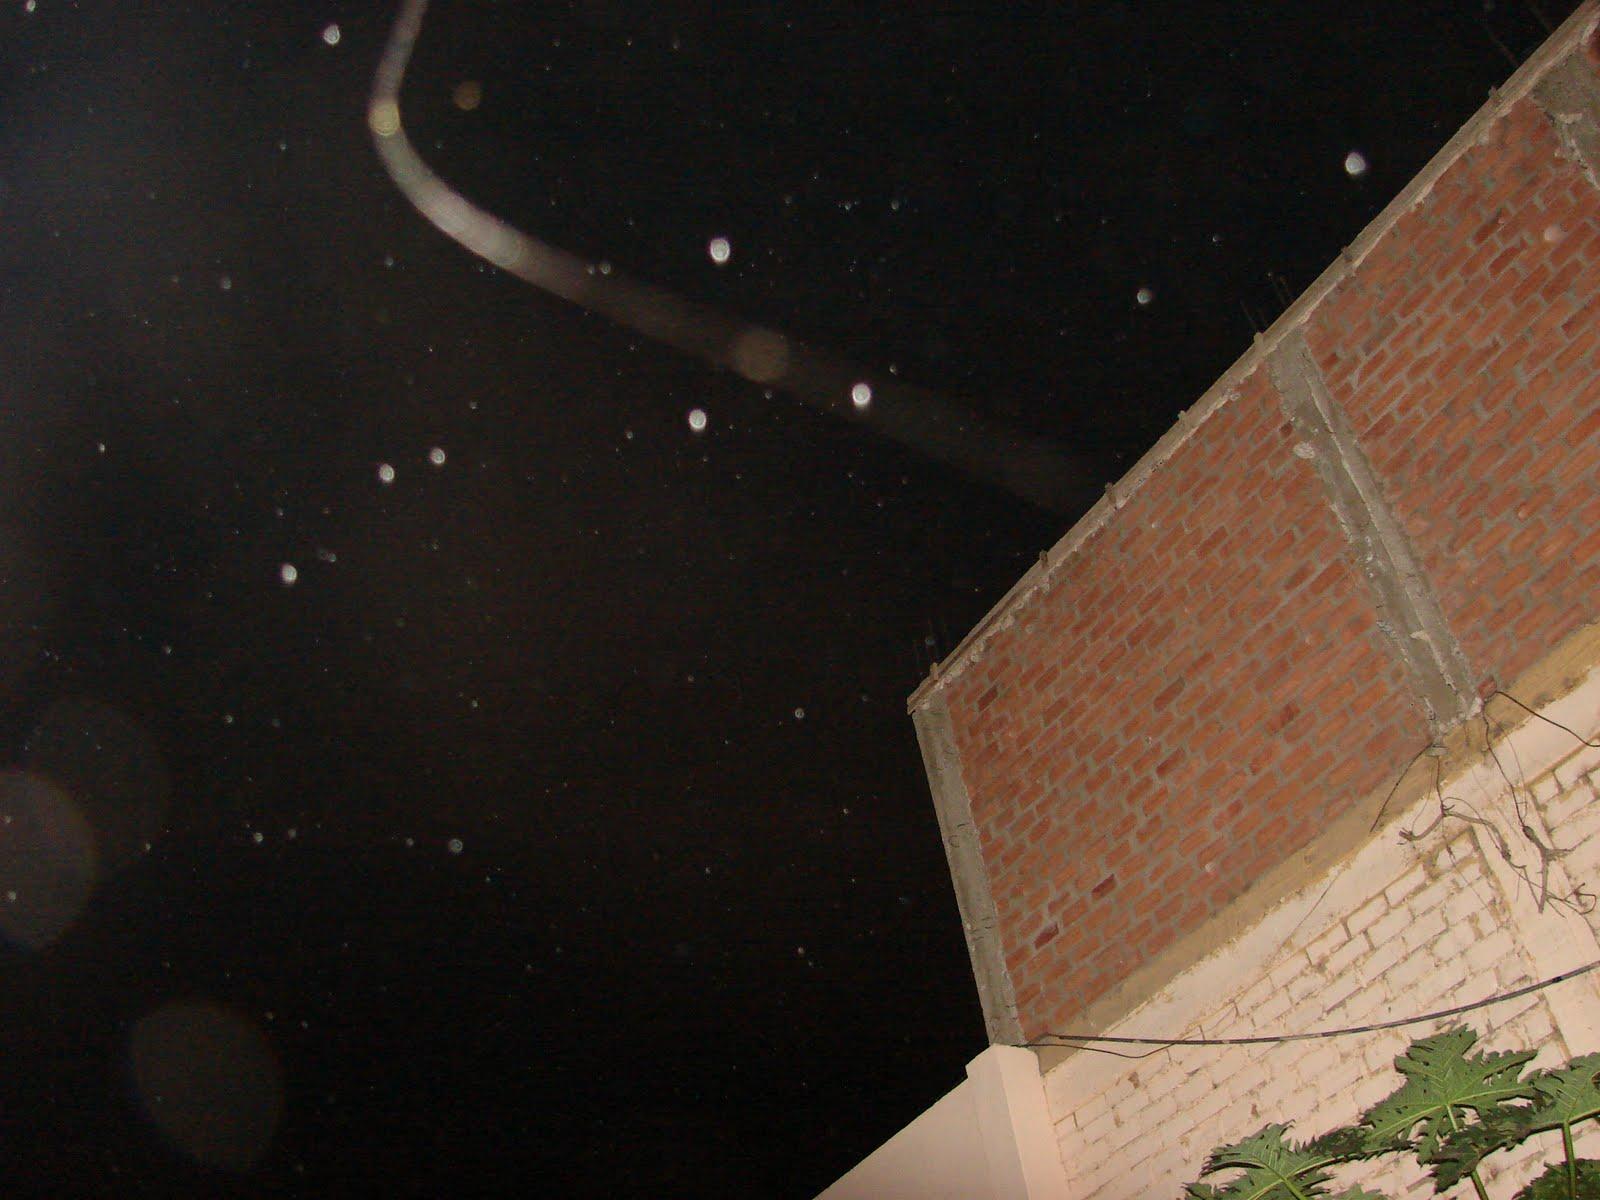 Urgente-10-julio-11-12-13-14-15...2011 Los Ovnis muestran camino al Cielo de Facundo Cabral sec,ufo